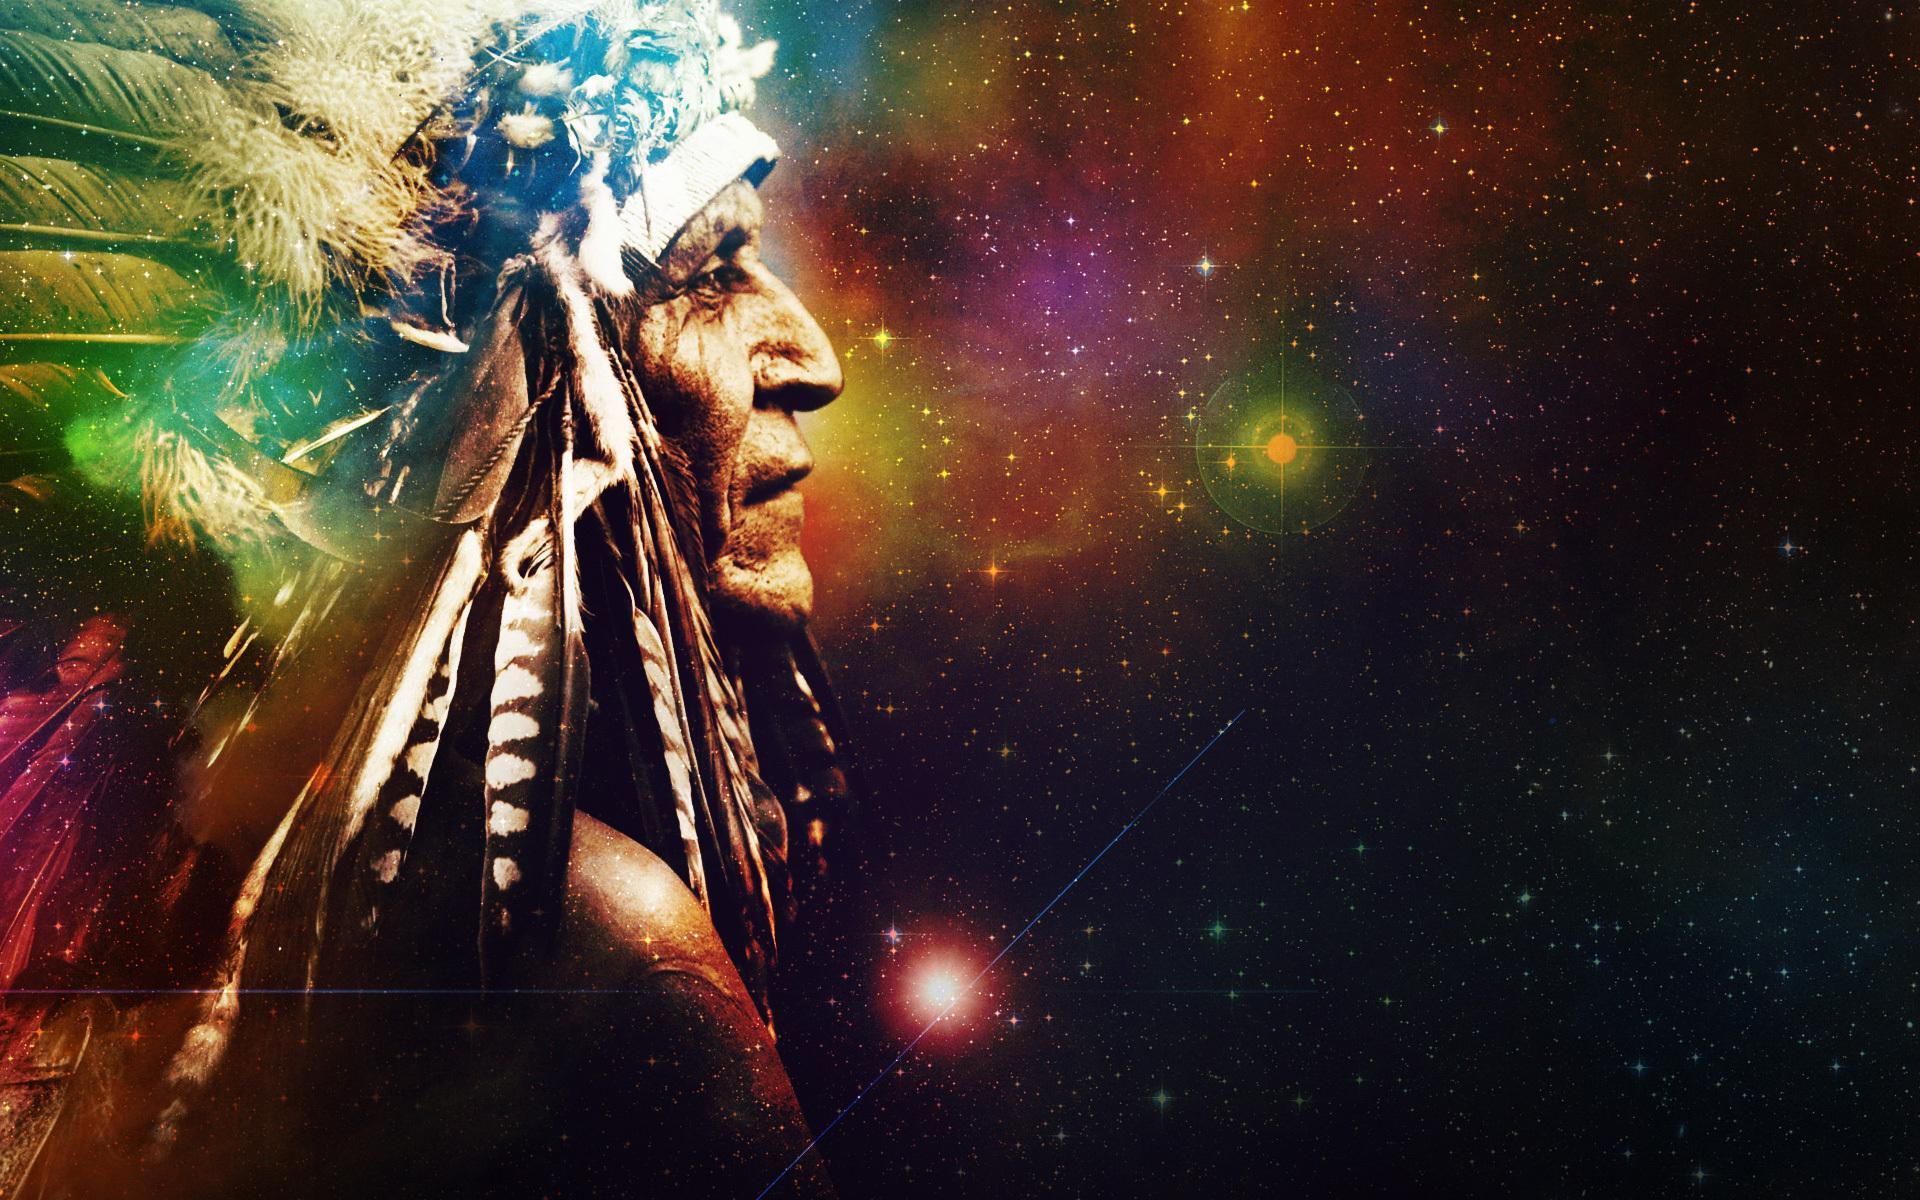 Native American Fhdq Pics